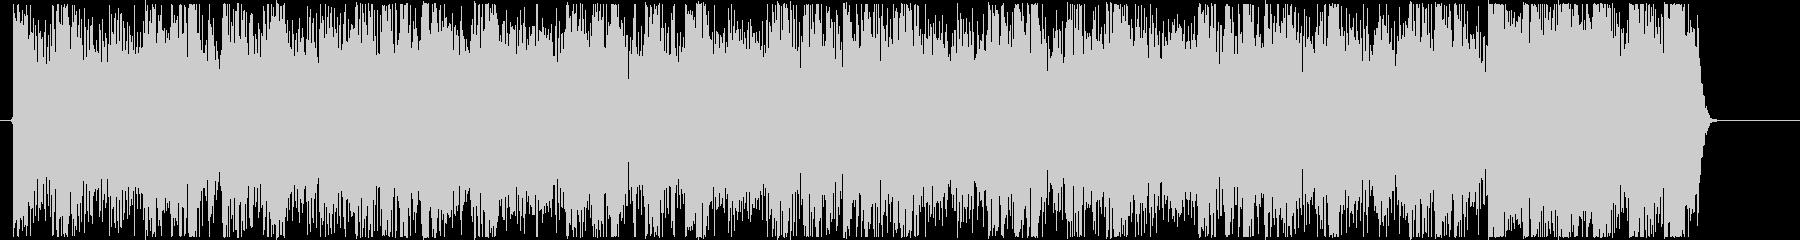 疾走感のあるハイテンポなデジタルロックCの未再生の波形